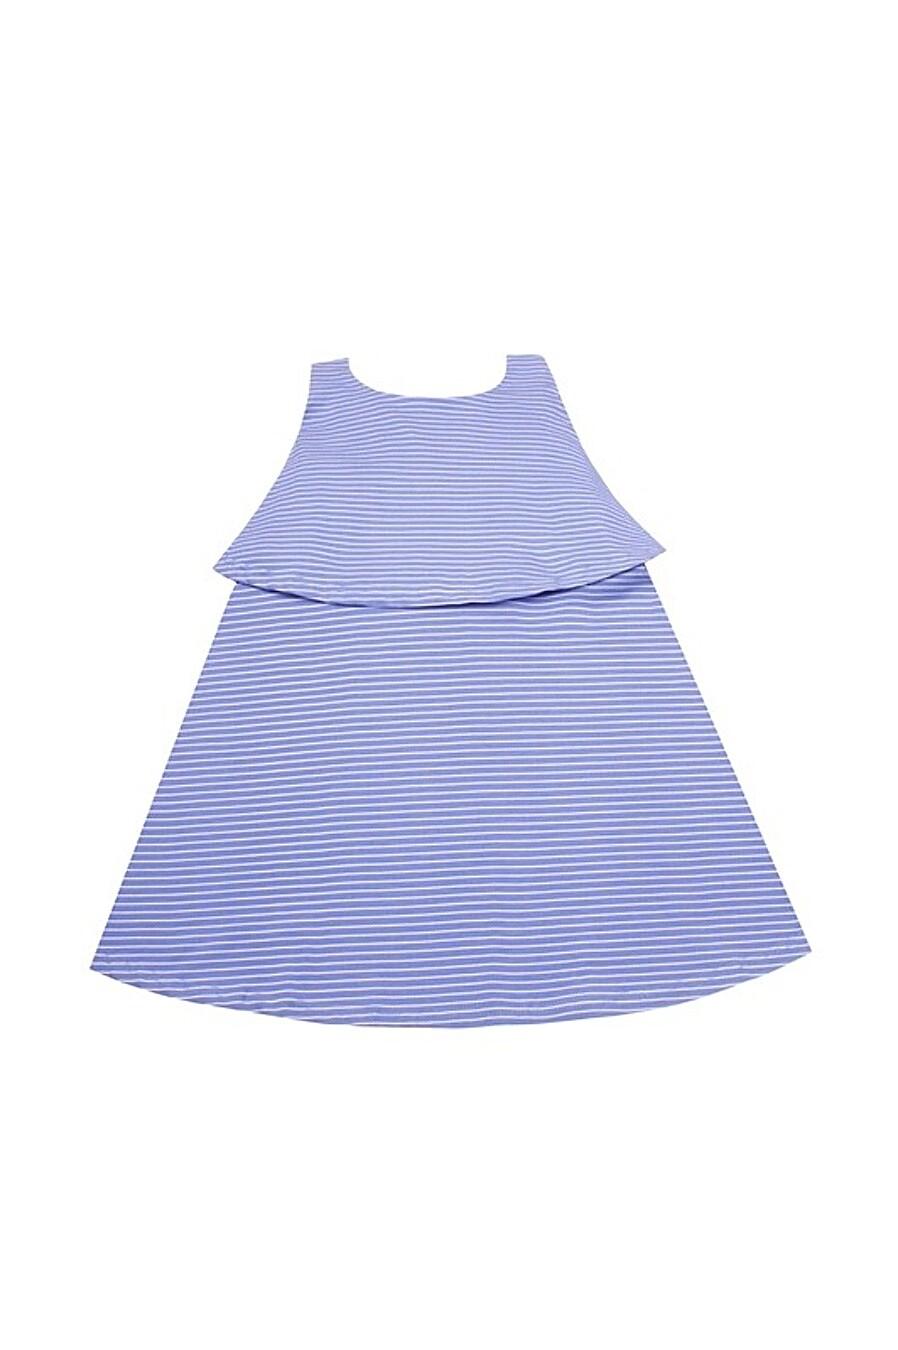 Сарафан для девочек АПРЕЛЬ 700270 купить оптом от производителя. Совместная покупка детской одежды в OptMoyo